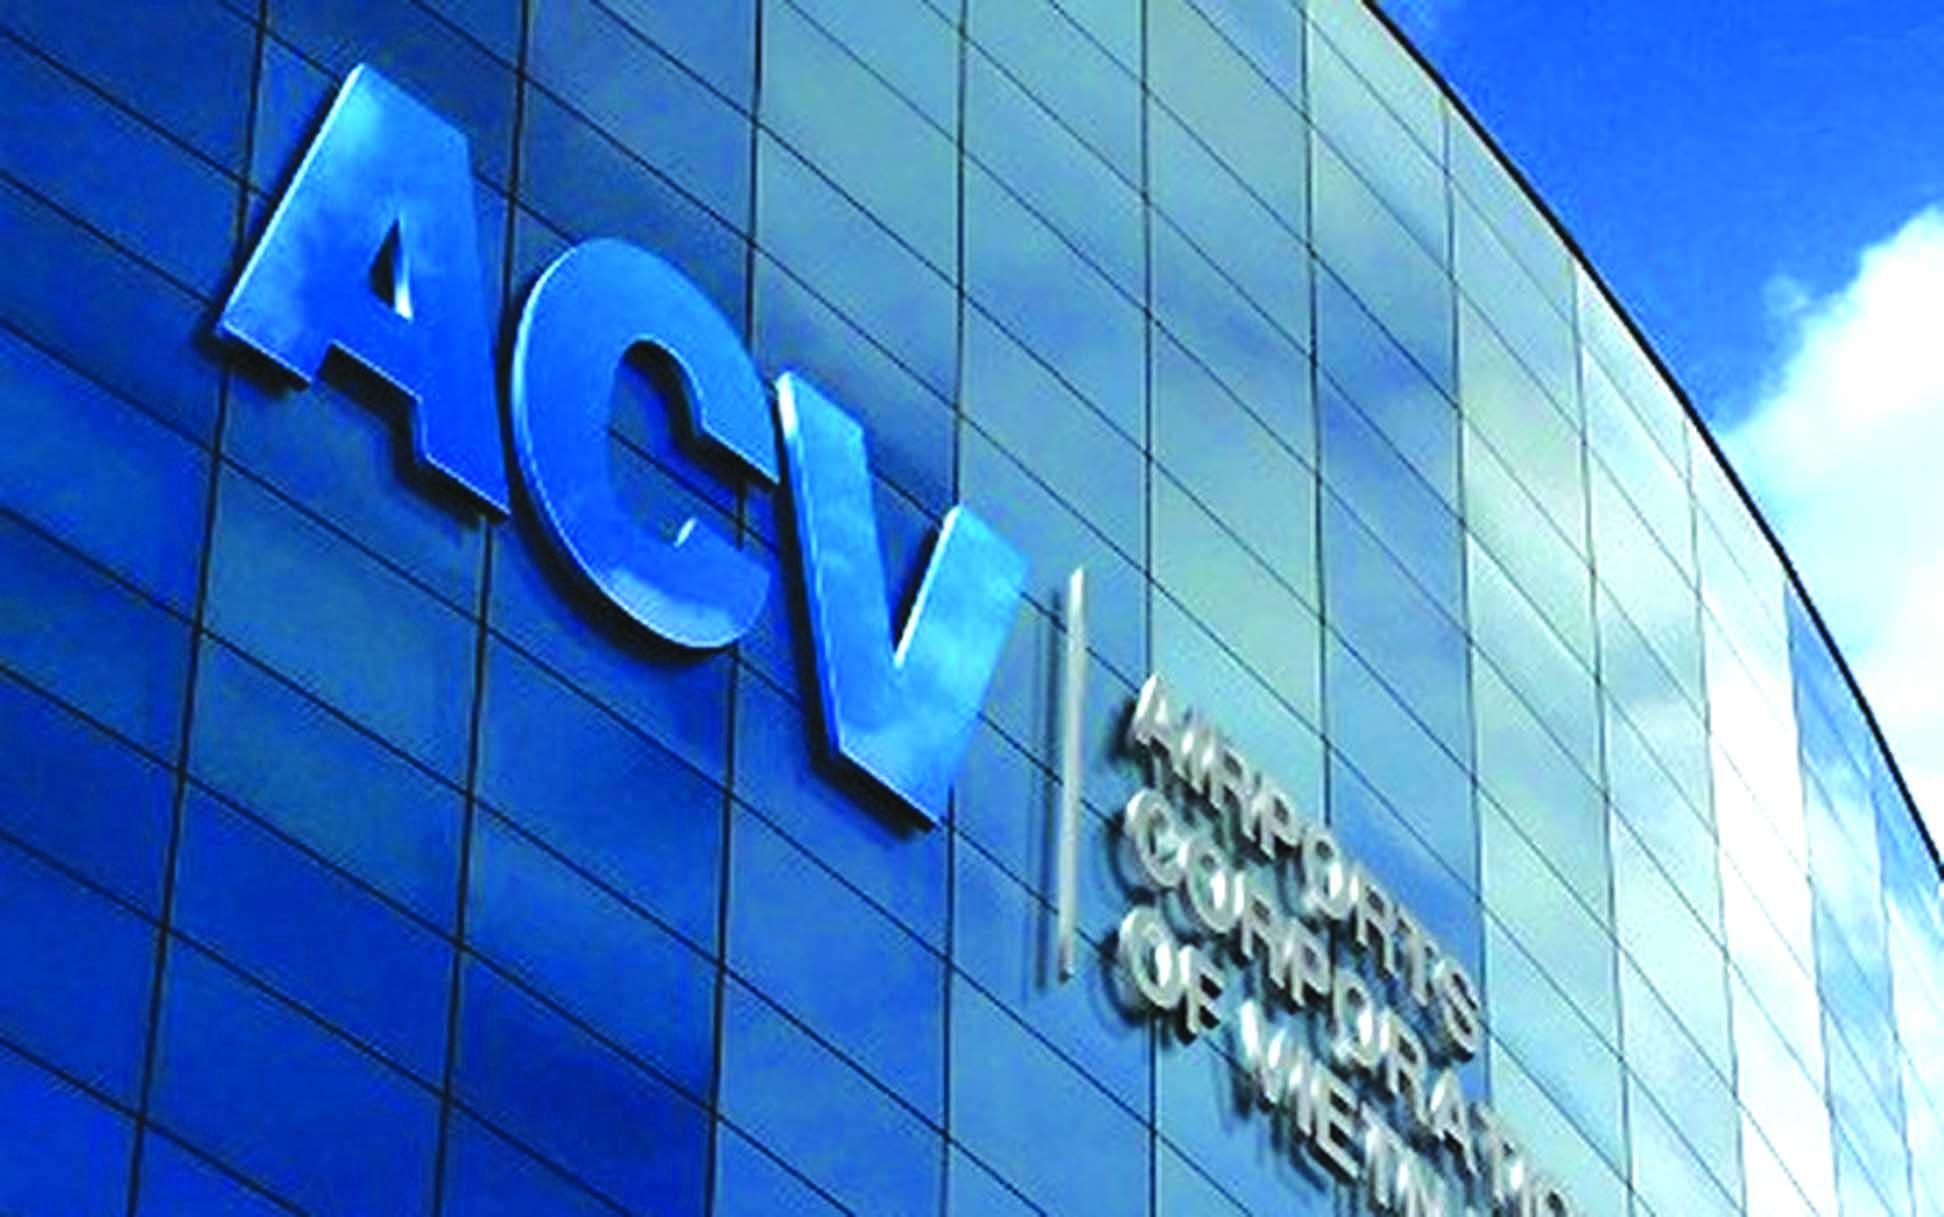 BVPL: Sai phạm xảy ra tại Tổng công ty Cảng hàng không Việt Nam ...